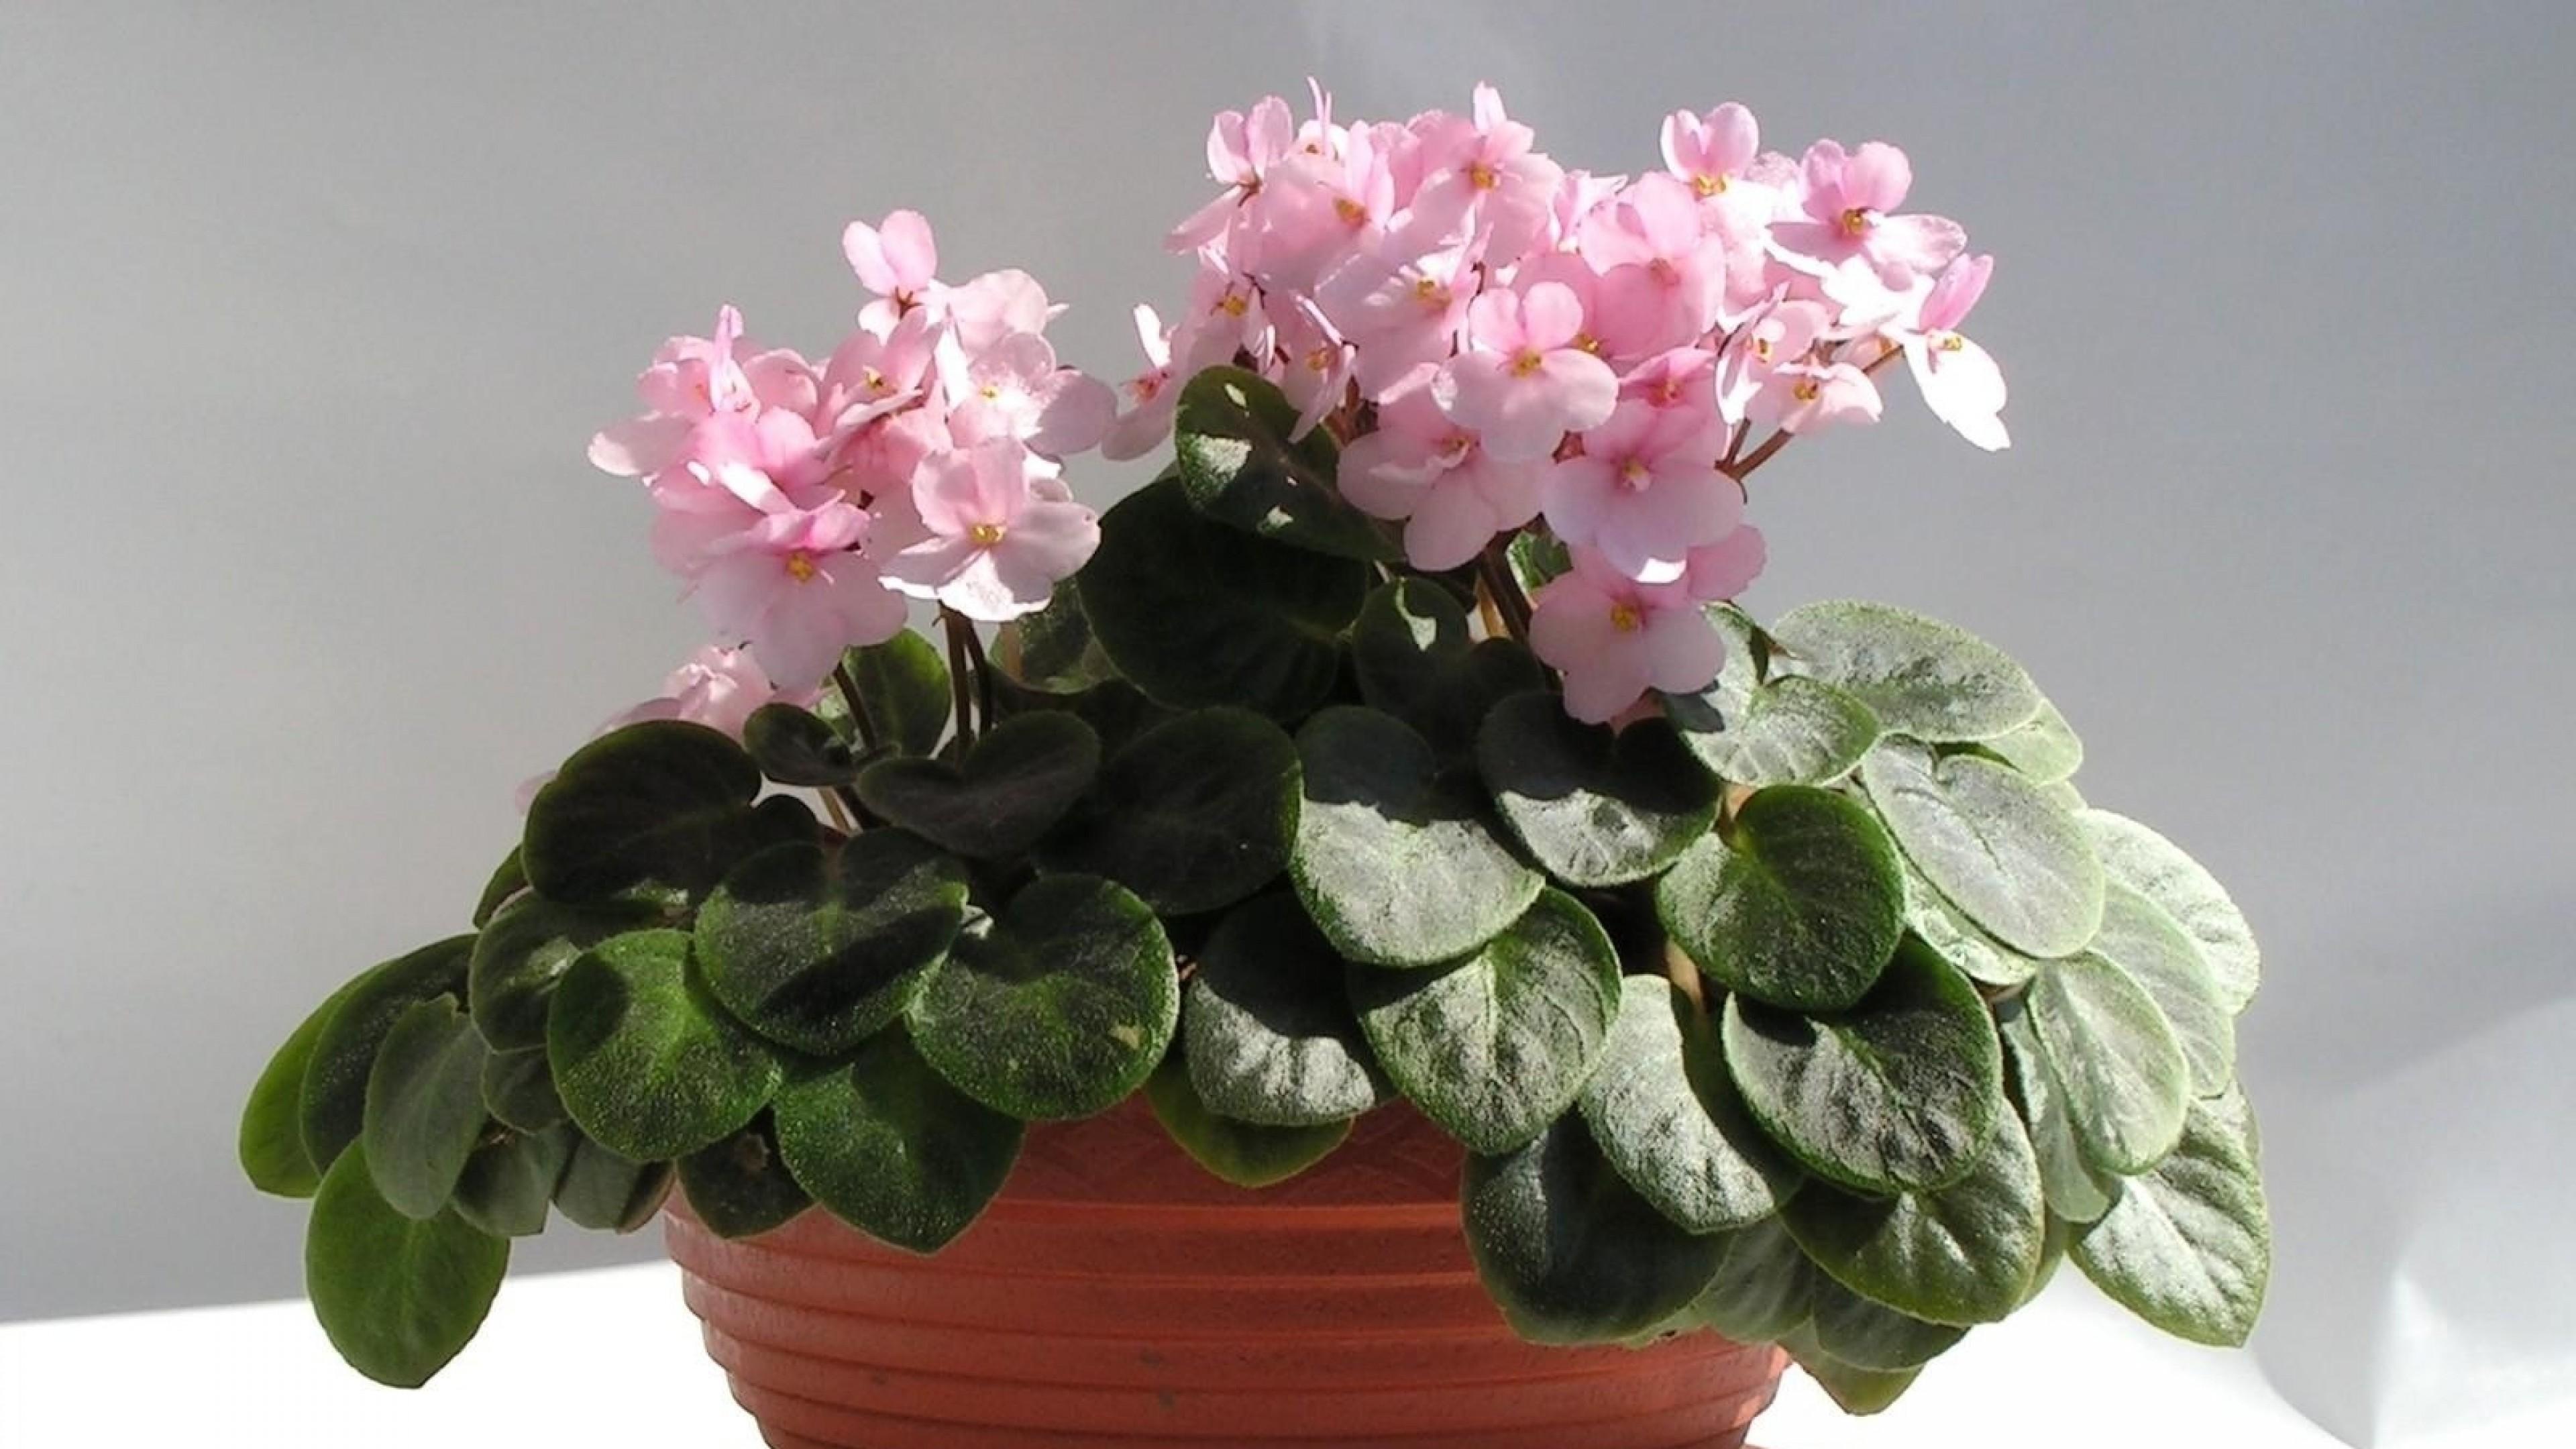 Как подобрать горшки для фиалок, чтобы посадить цветы правильно? 80